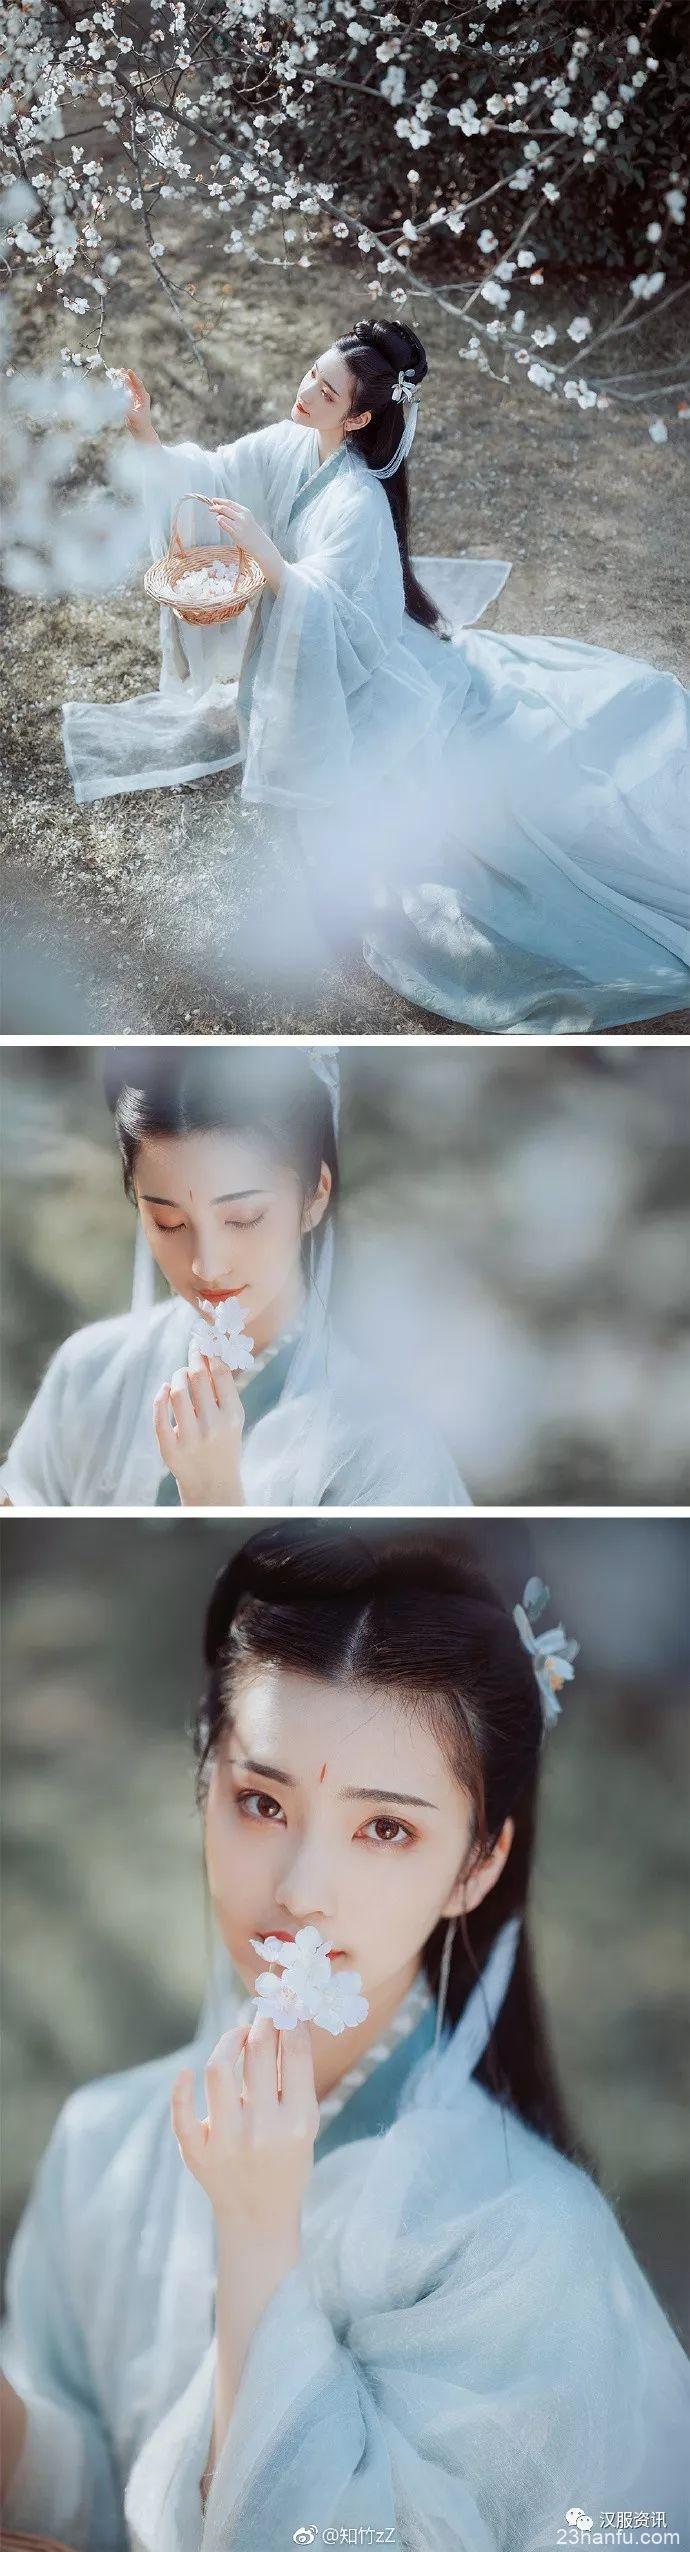 【汉服摄影】玉骨那愁瘴雾